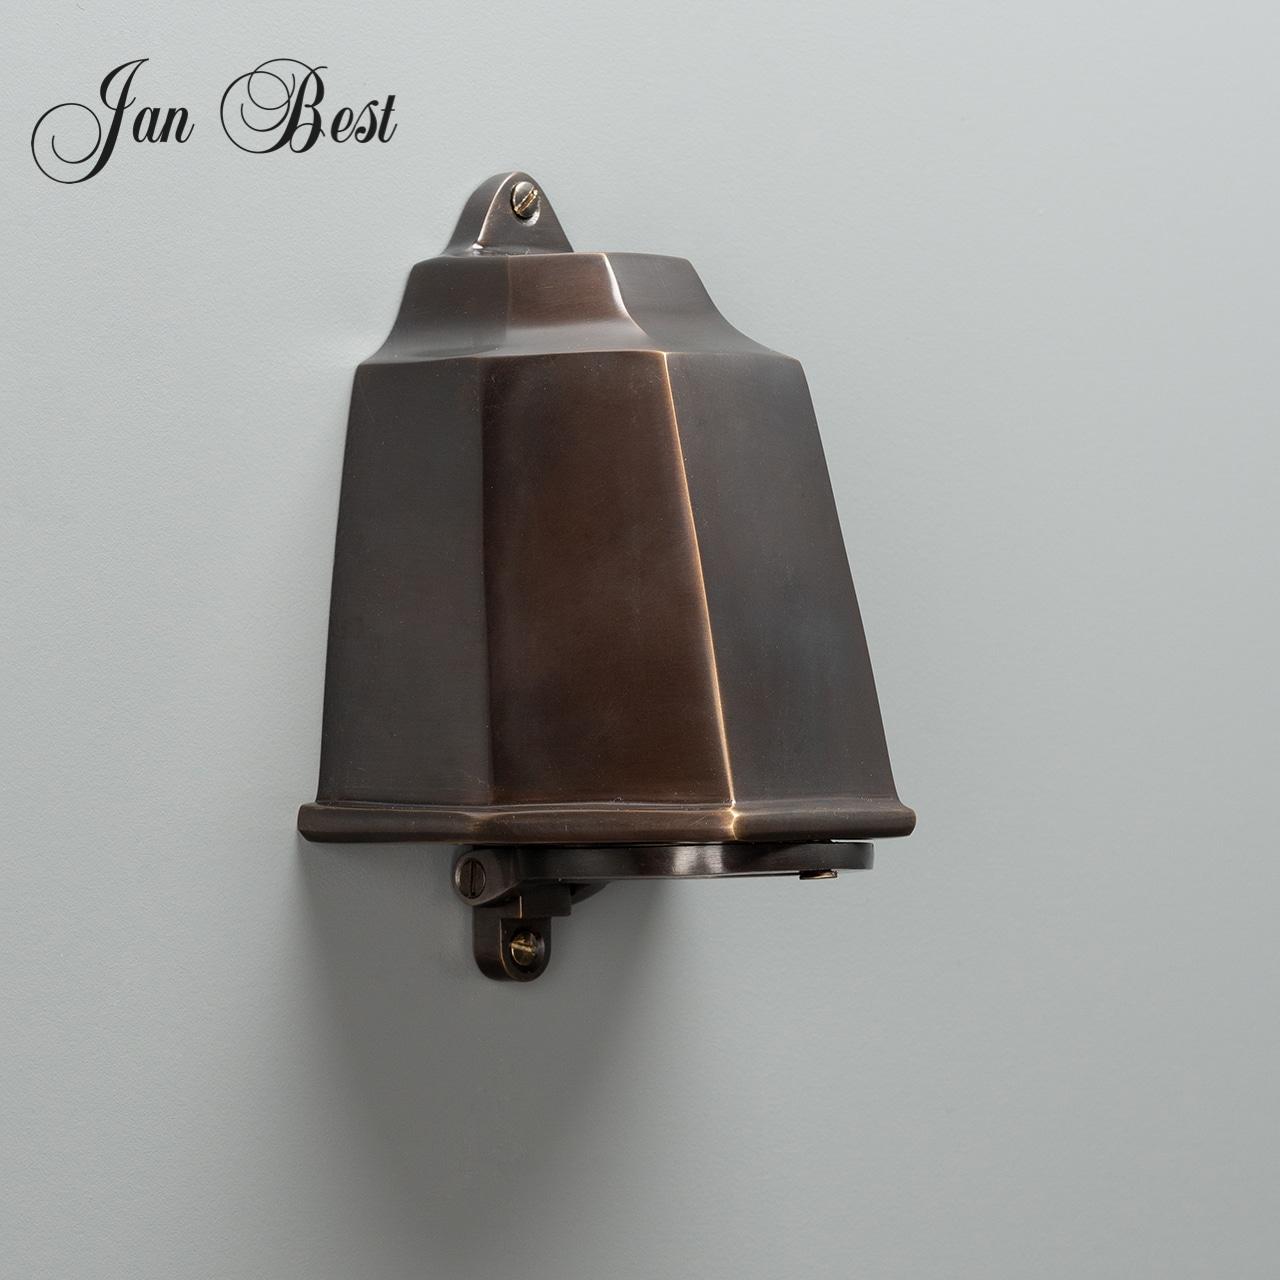 jan-best-downlighter-messing-brons-wandlamp-outdoor-tuin-terras-horeca-nostalgische-klassieke-verlichting-tuinverlichting-terrasverlichting-buitenlamp-down